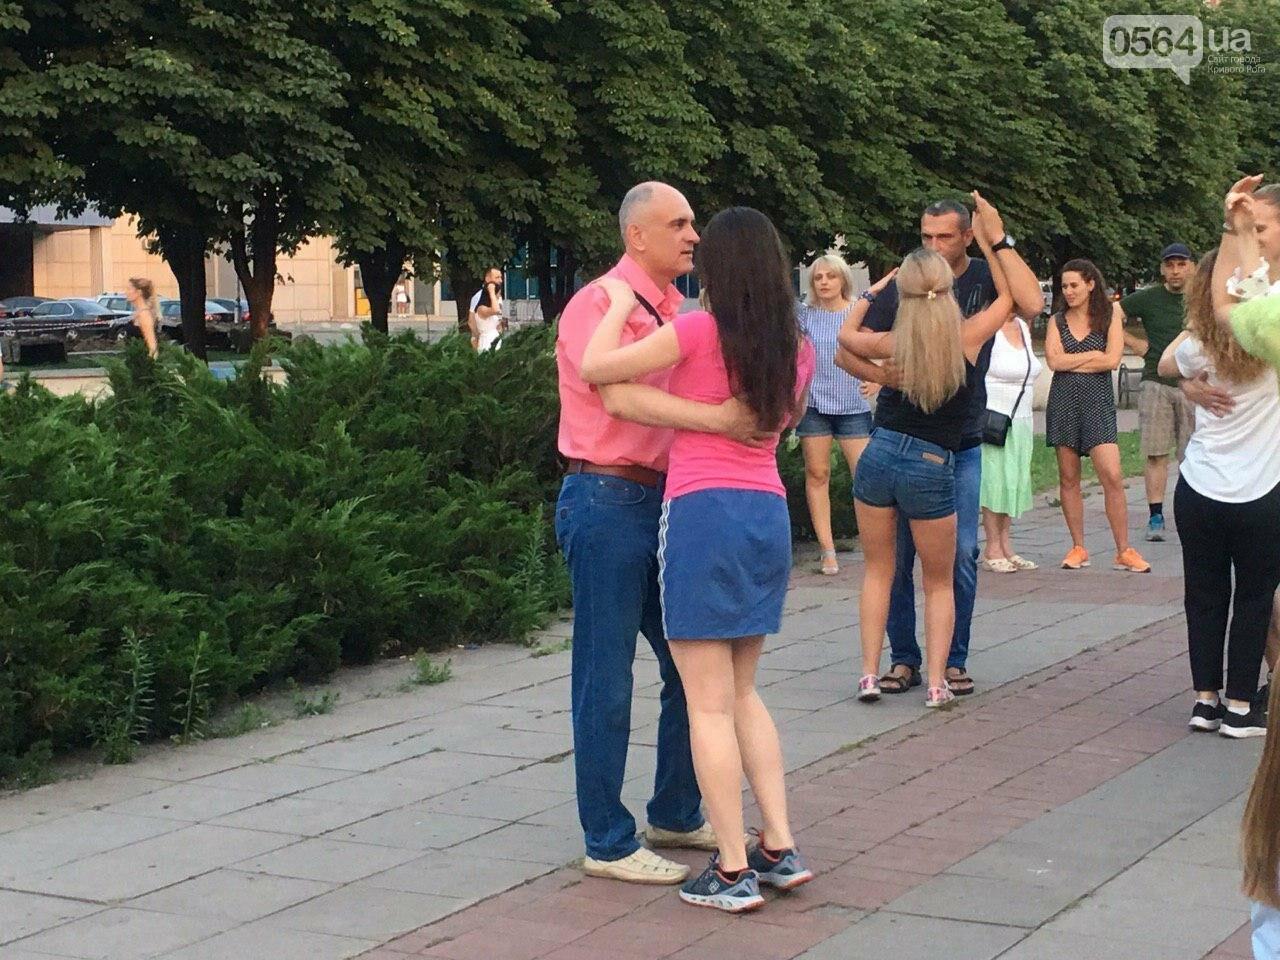 Сальса, бачата, кизомба: в центре города танцоры провели мастер-класс для криворожан, - ФОТО, ВИДЕО , фото-14